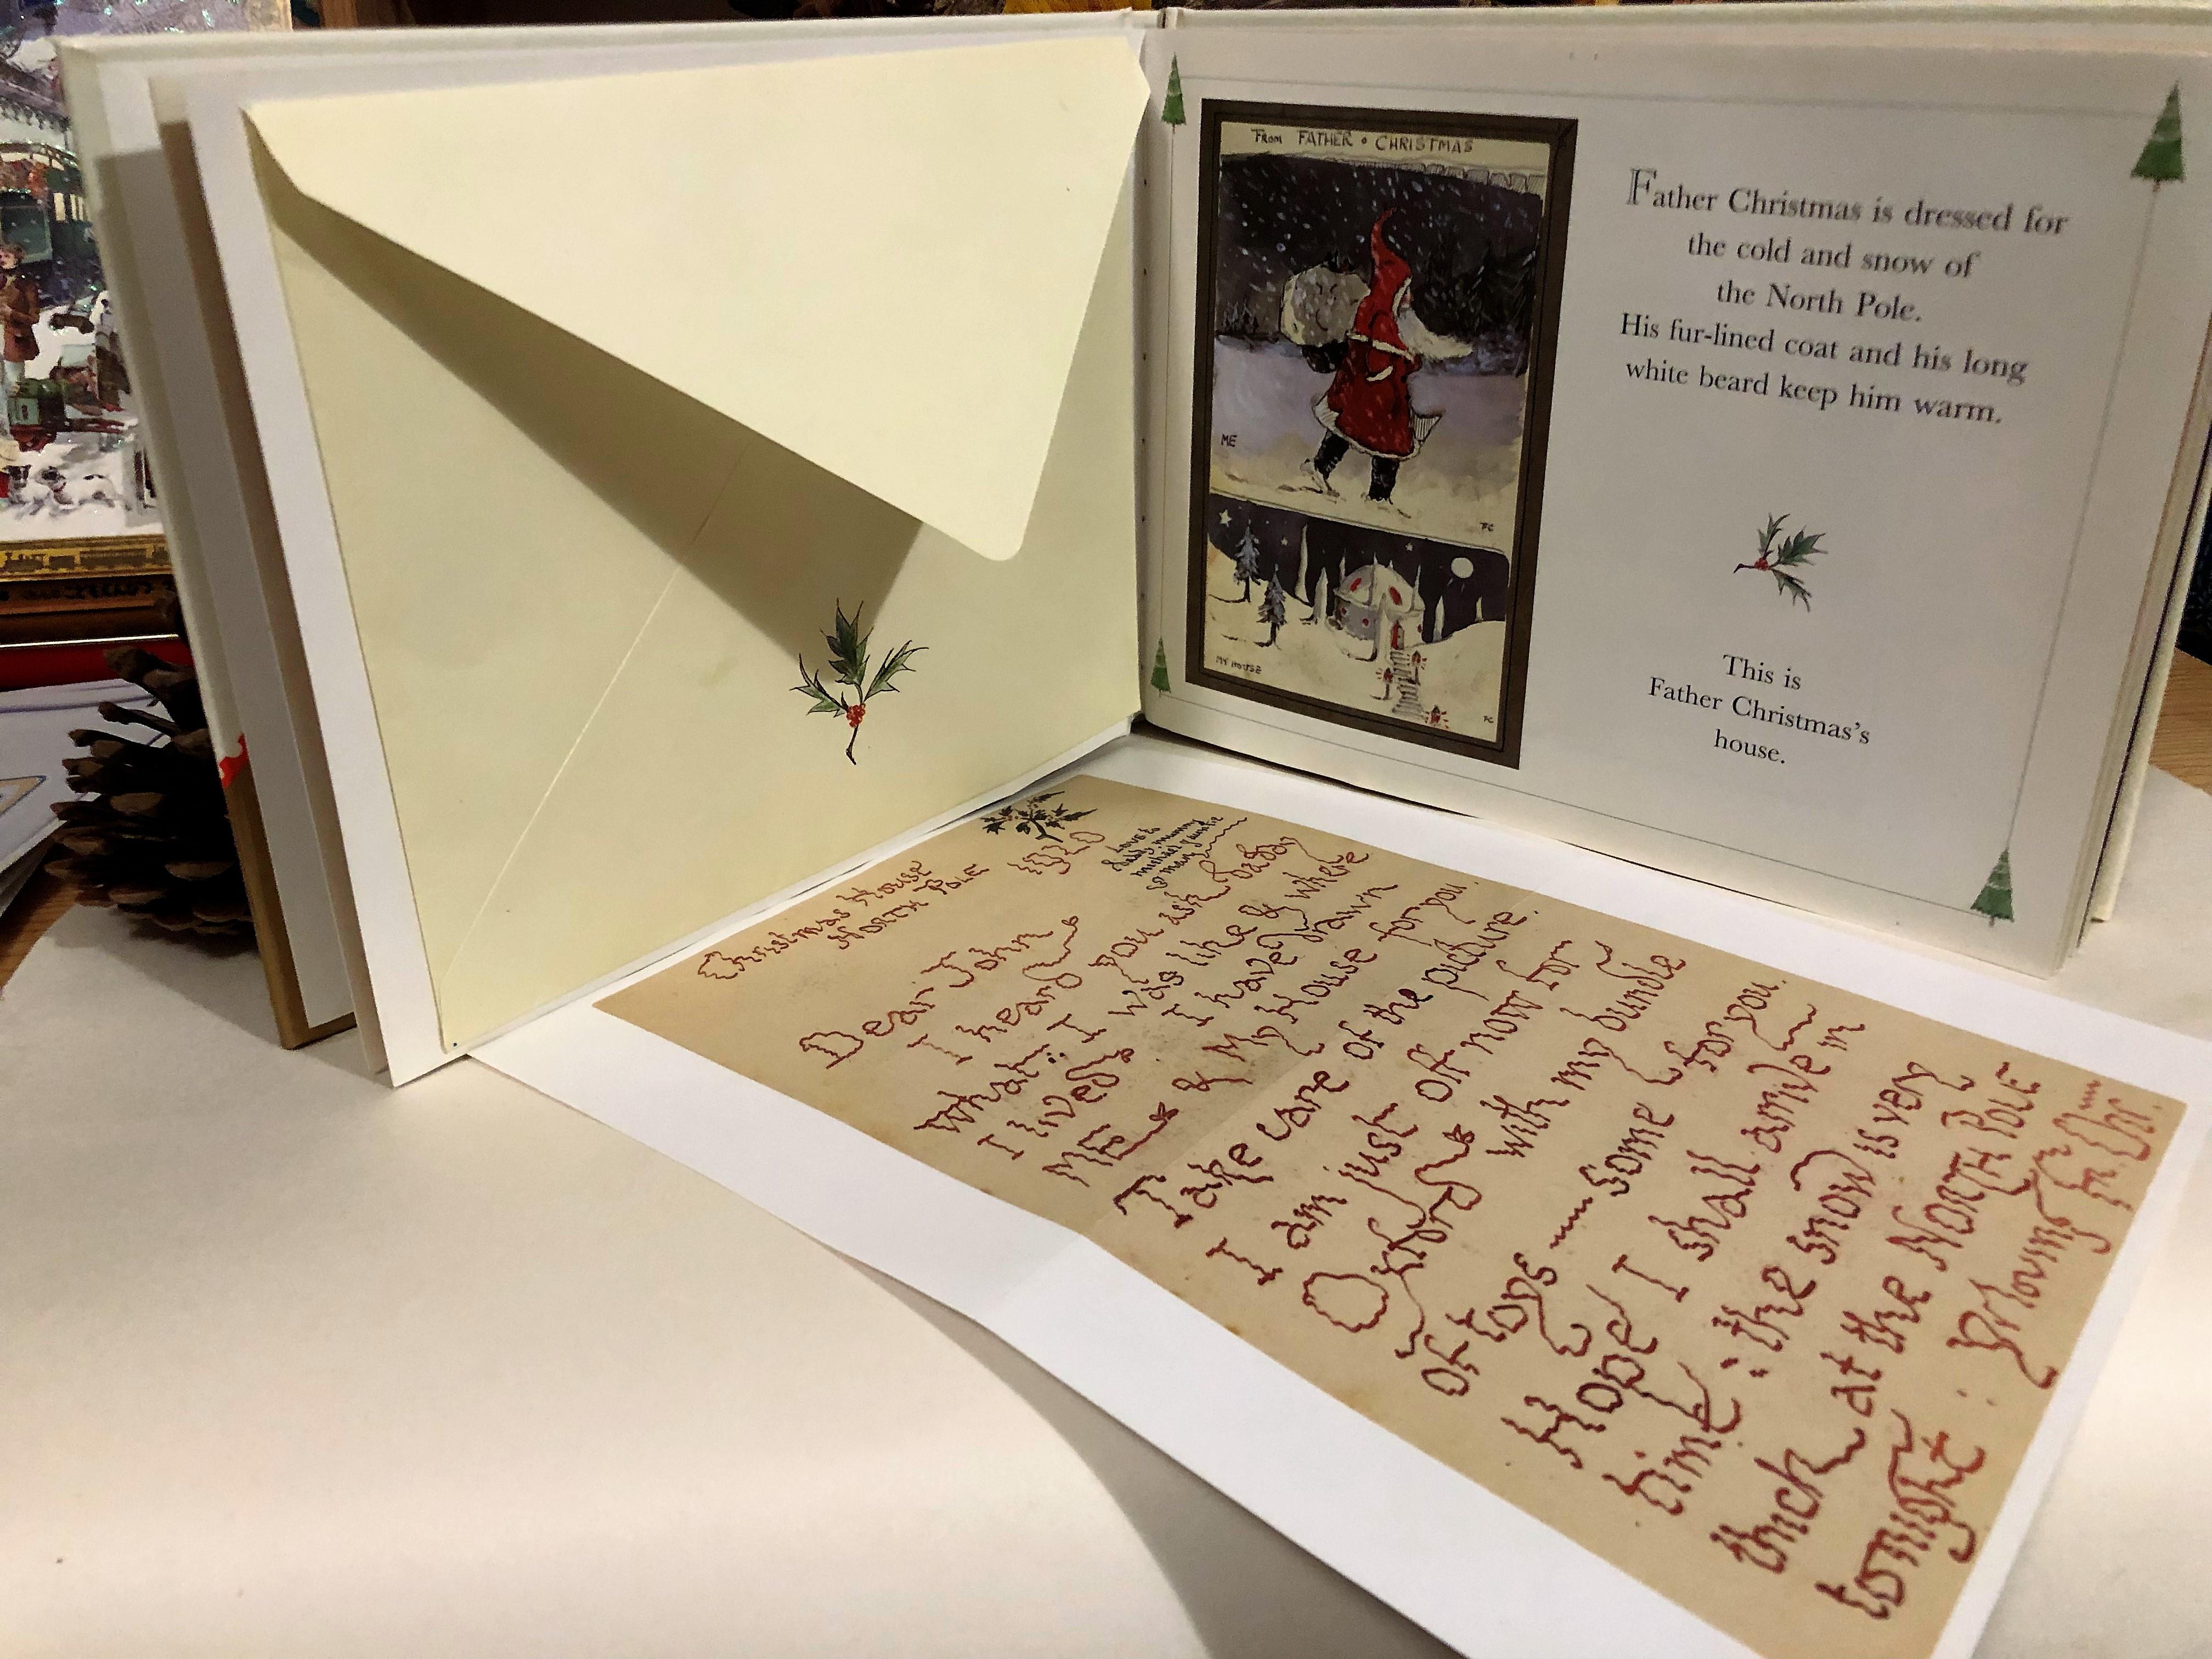 サンタクロースの手紙は、字が震えている。